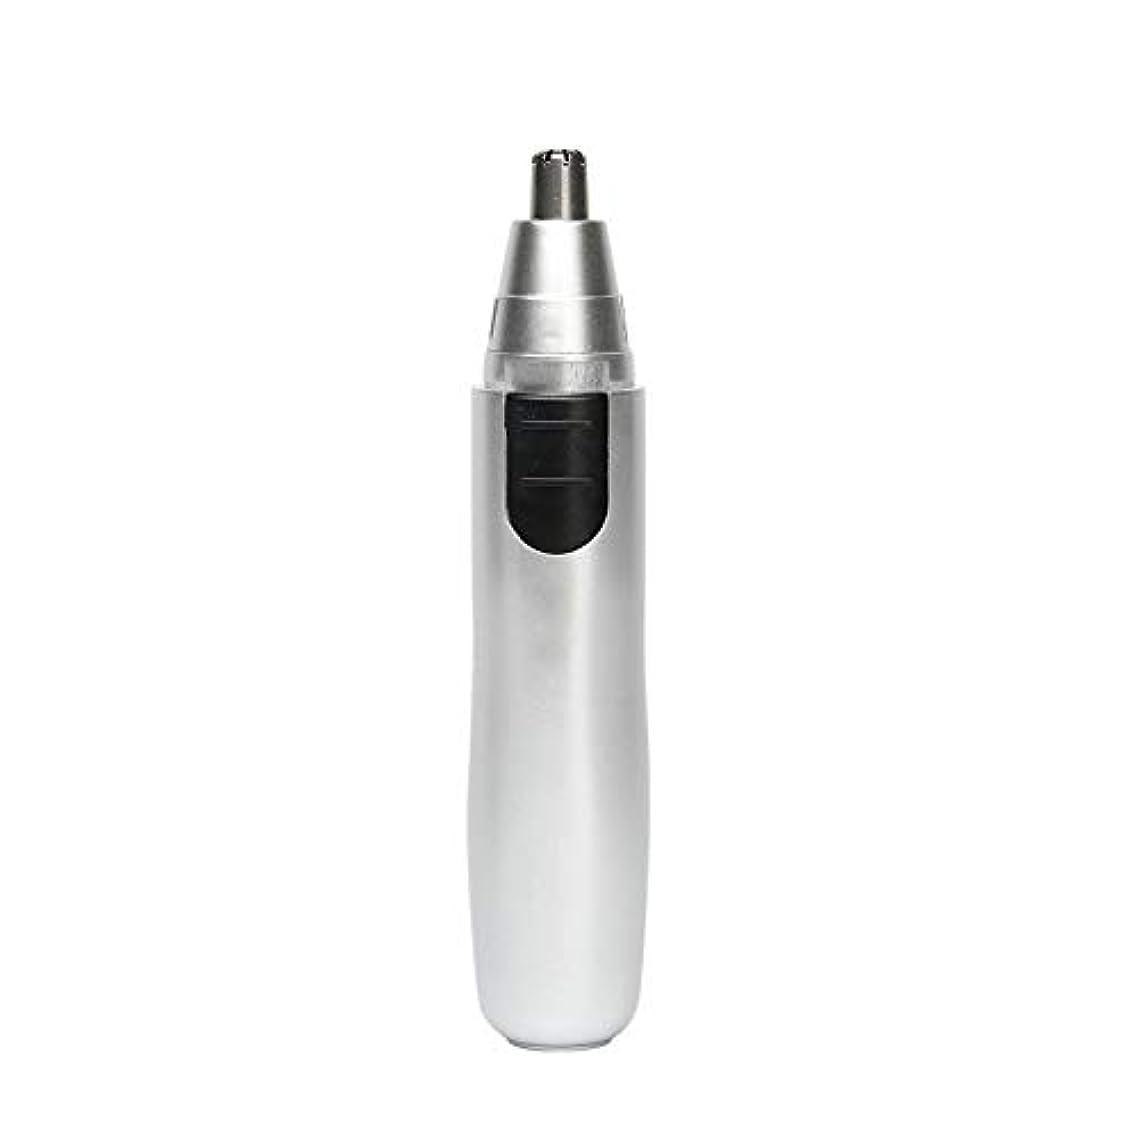 ハイブリッドなんでも脊椎男性の耳の毛と鼻毛のトリマー、電気シェーバー防水フェイシャルトリマー鼻の鼻毛掃除機システム